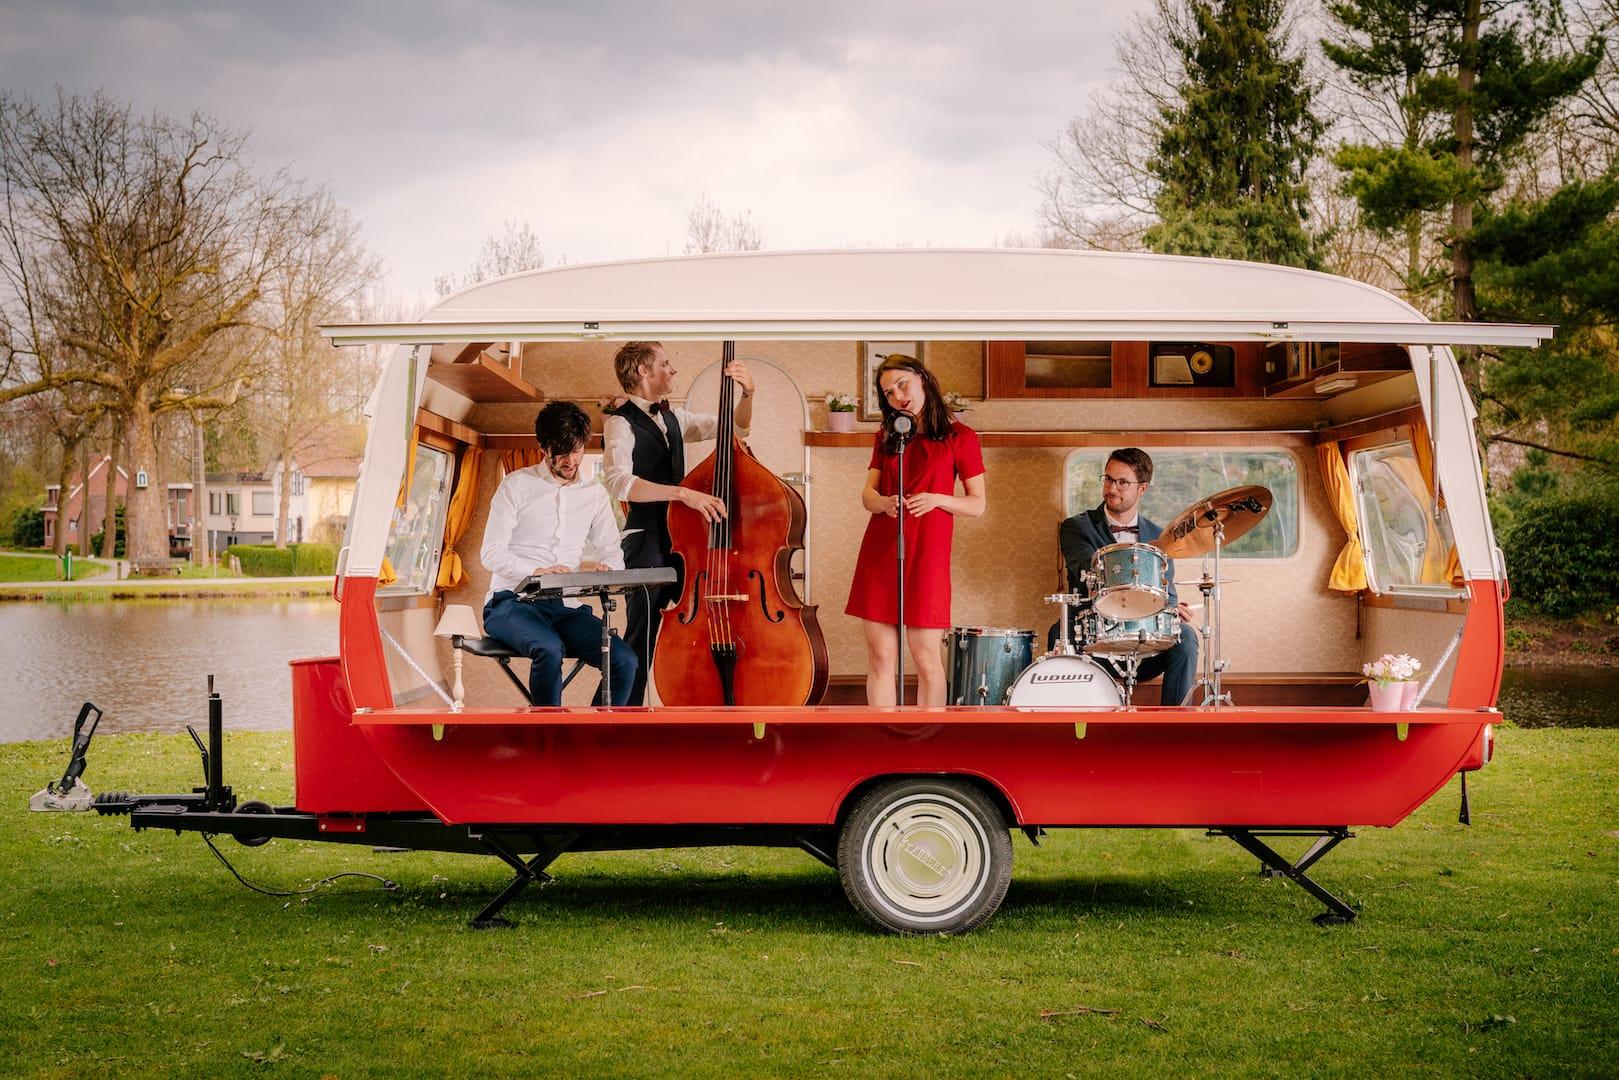 Mobiel caravan podium event trouwfeest personeelsfeest bruiloft